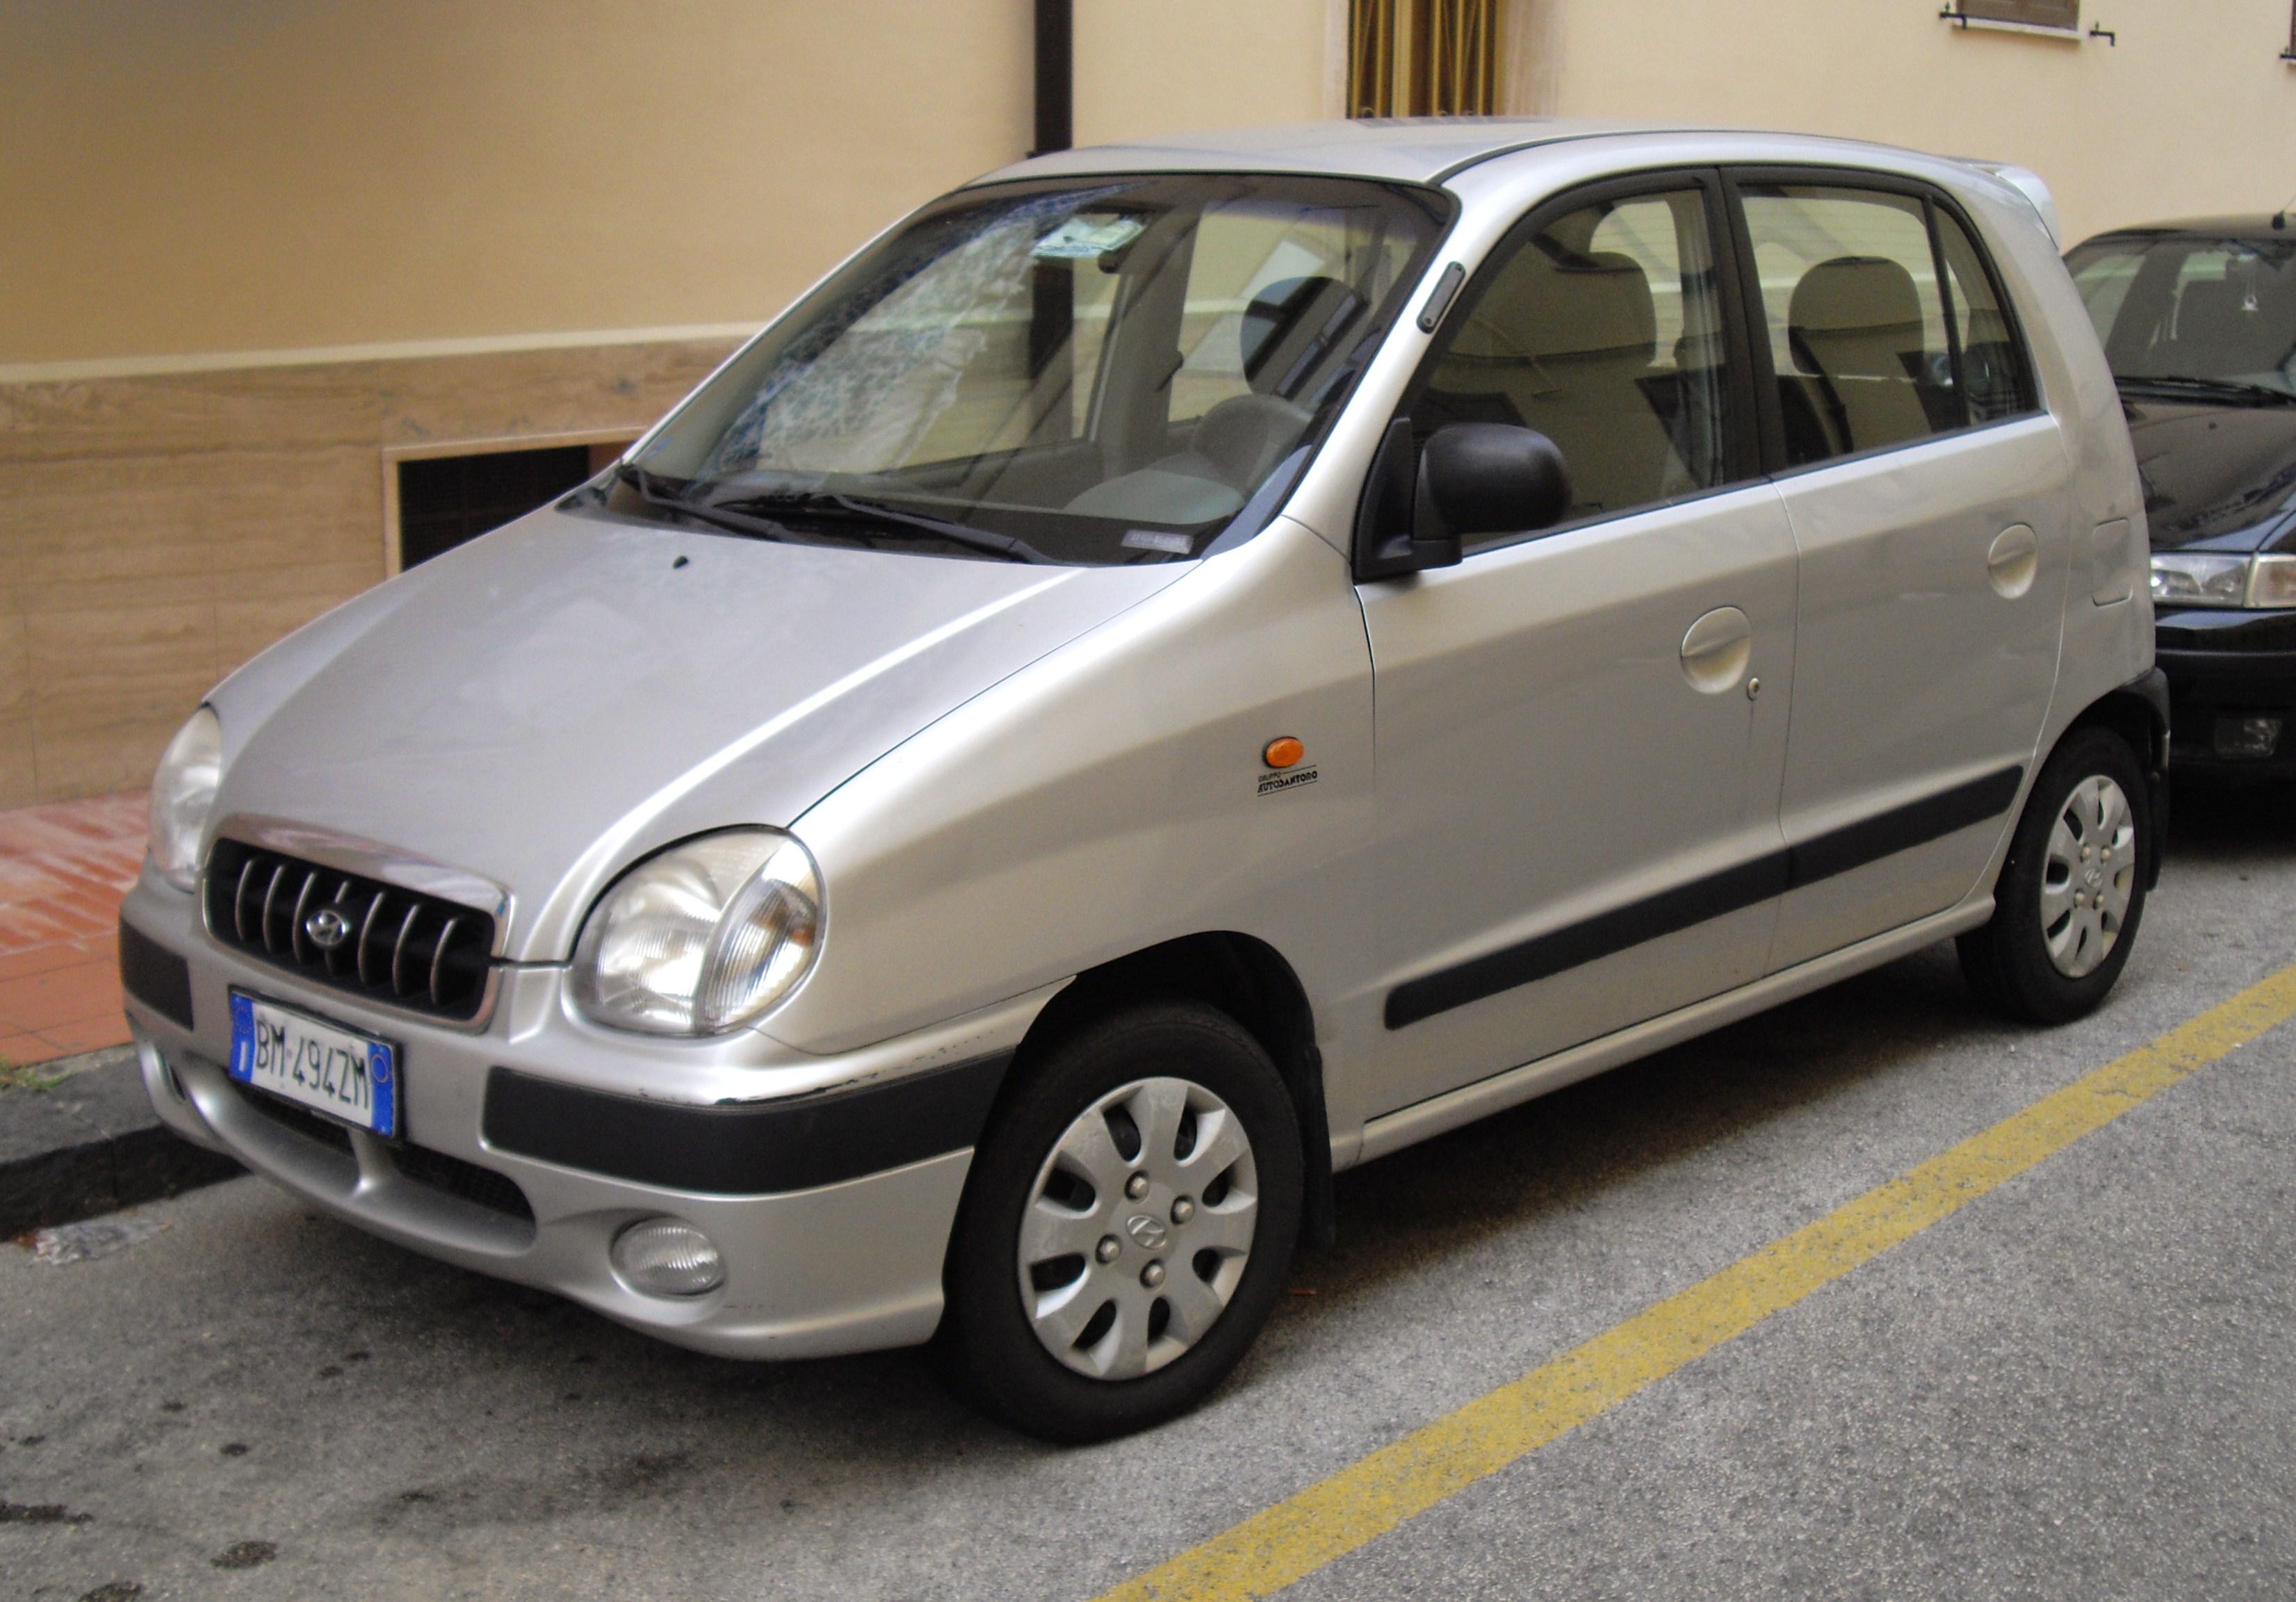 File Hyundai Atos Prime Silver Jpg Wikimedia Commons